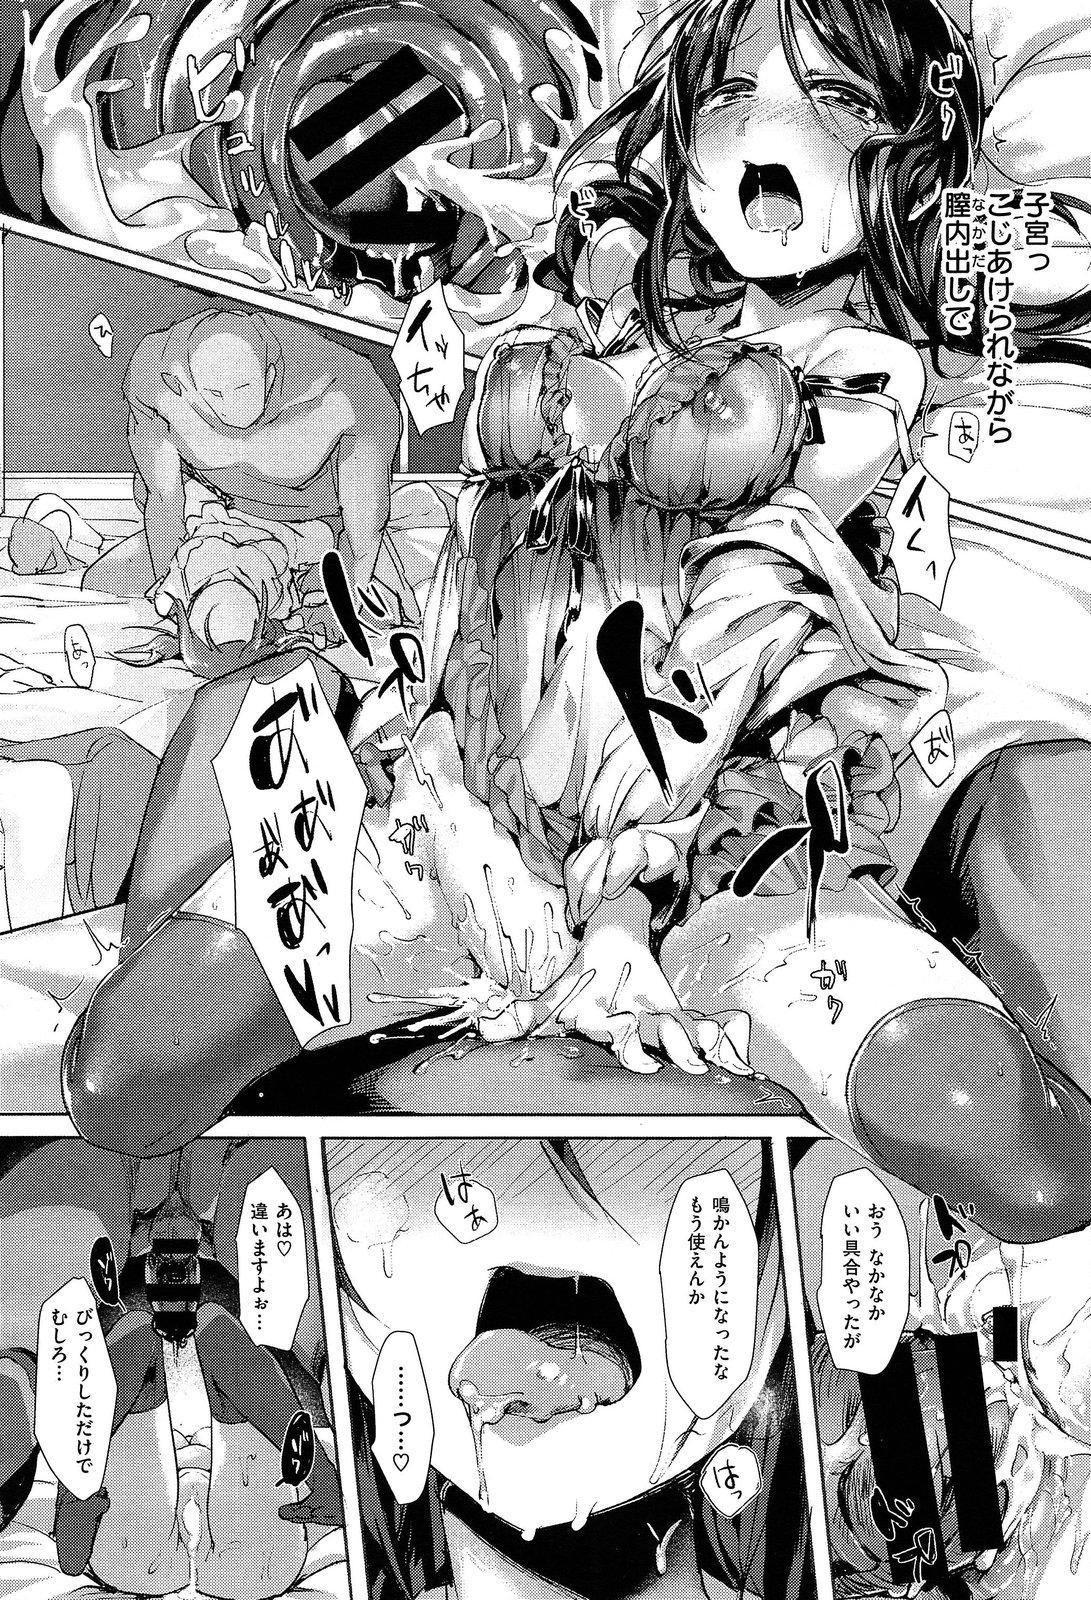 COMIC X-EROS #17 289